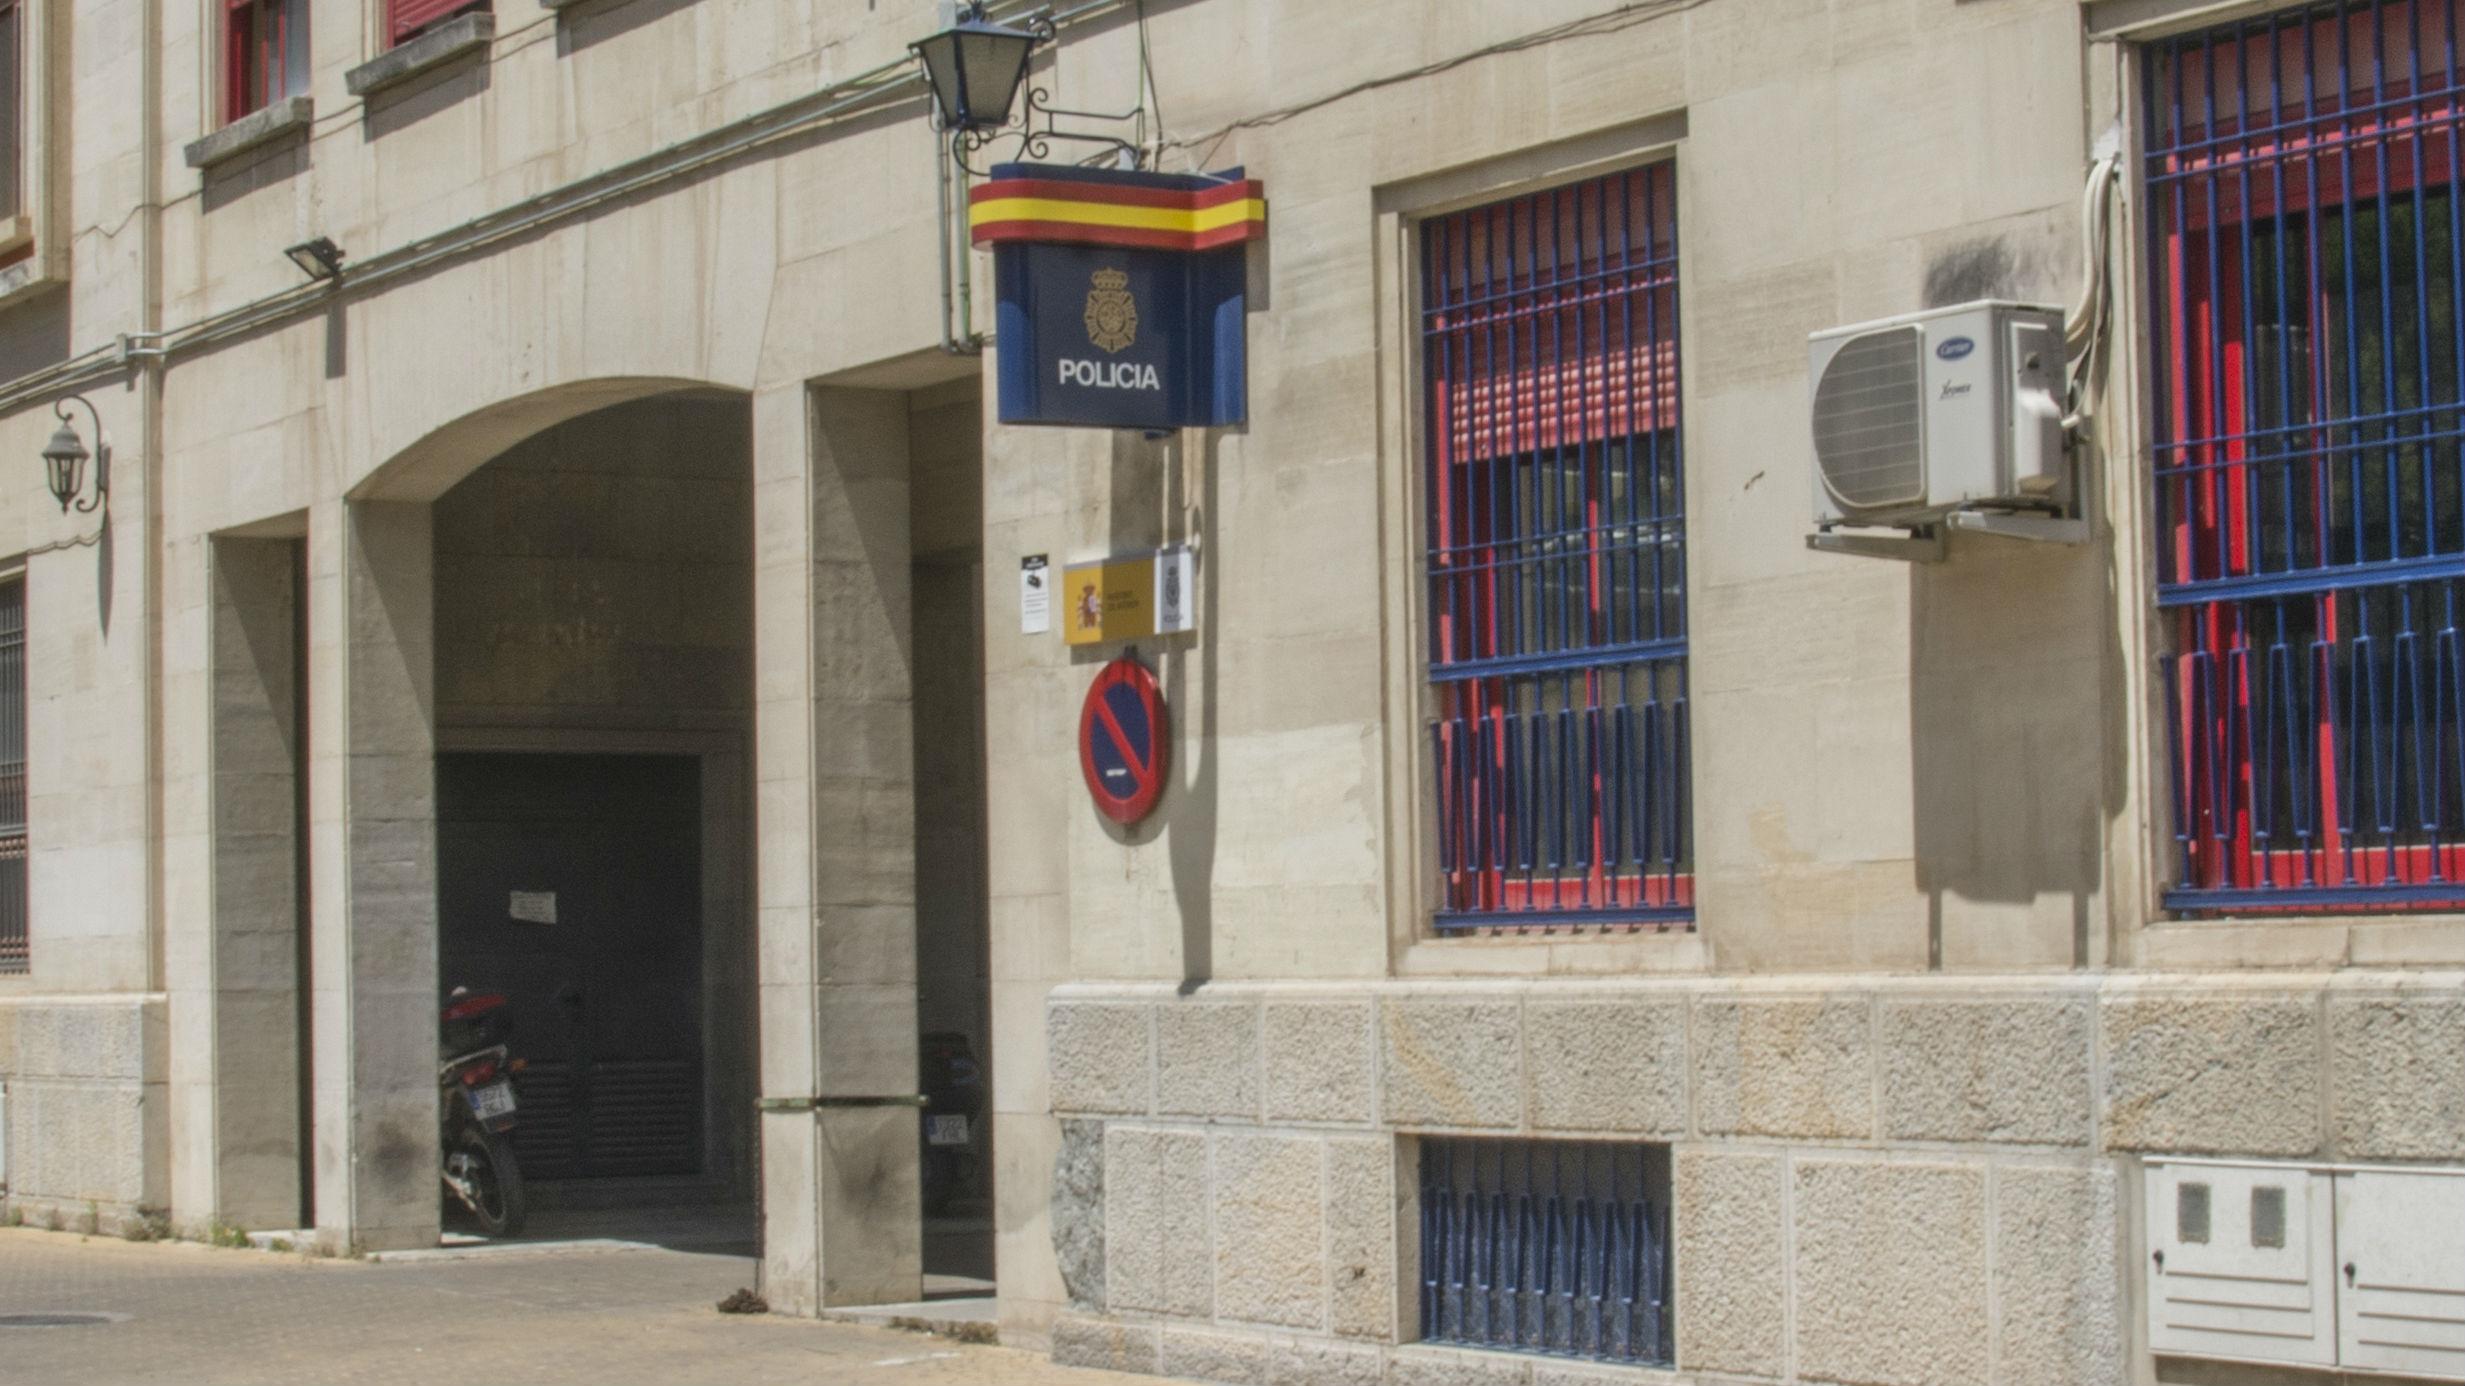 Comisaría de la Policía Nacional de Jaén.